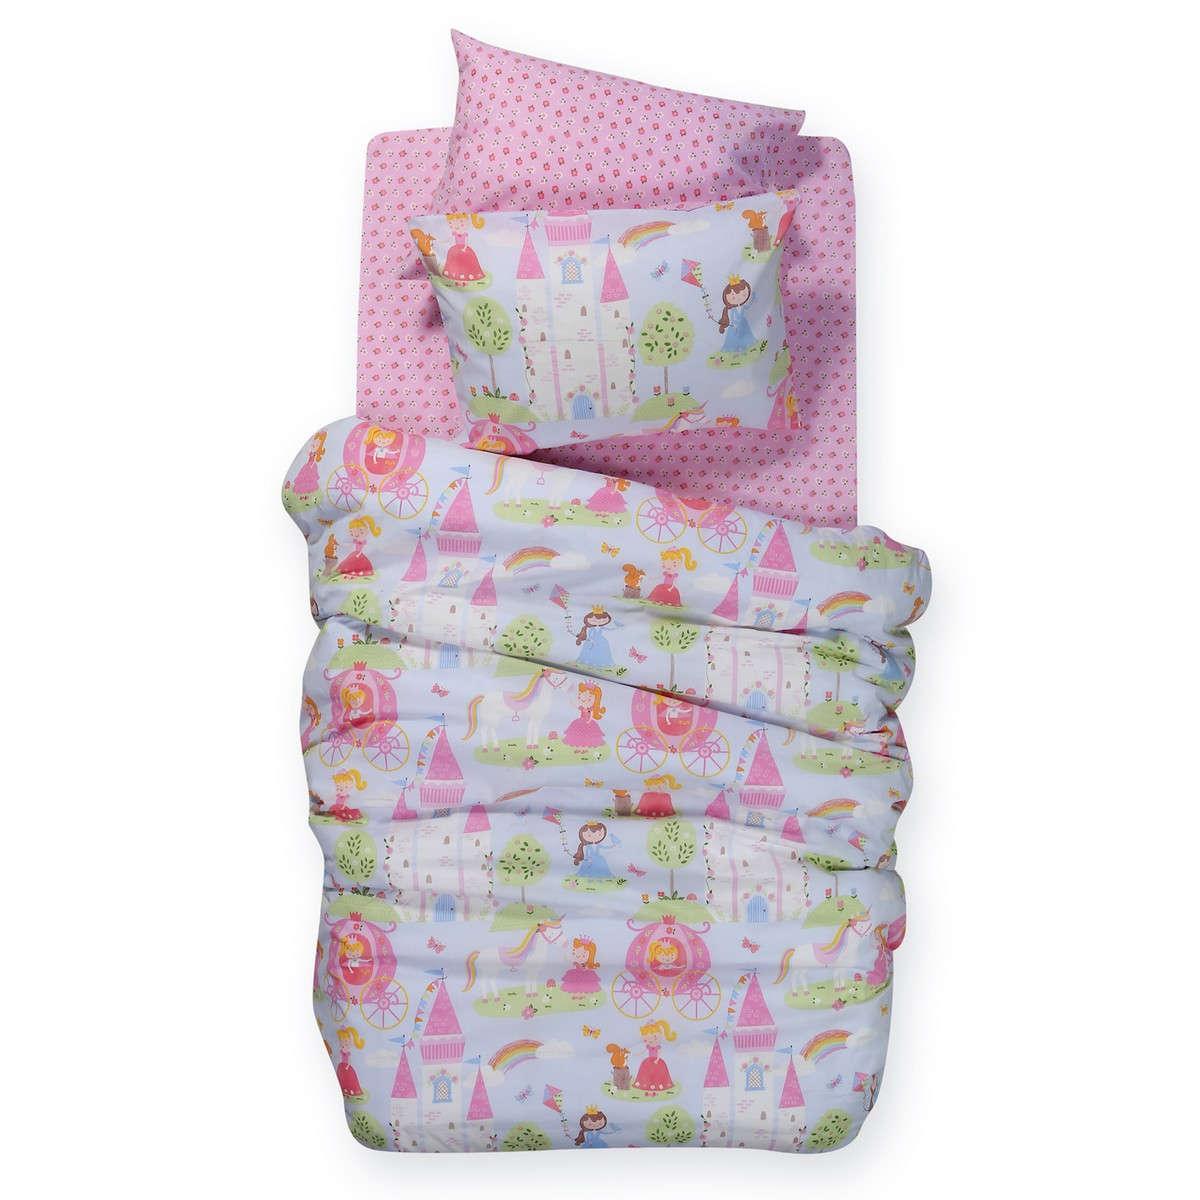 Σεντόνι Παιδικό Cute Kingdom Σετ Pink Nef-Nef Μονό 160x260cm